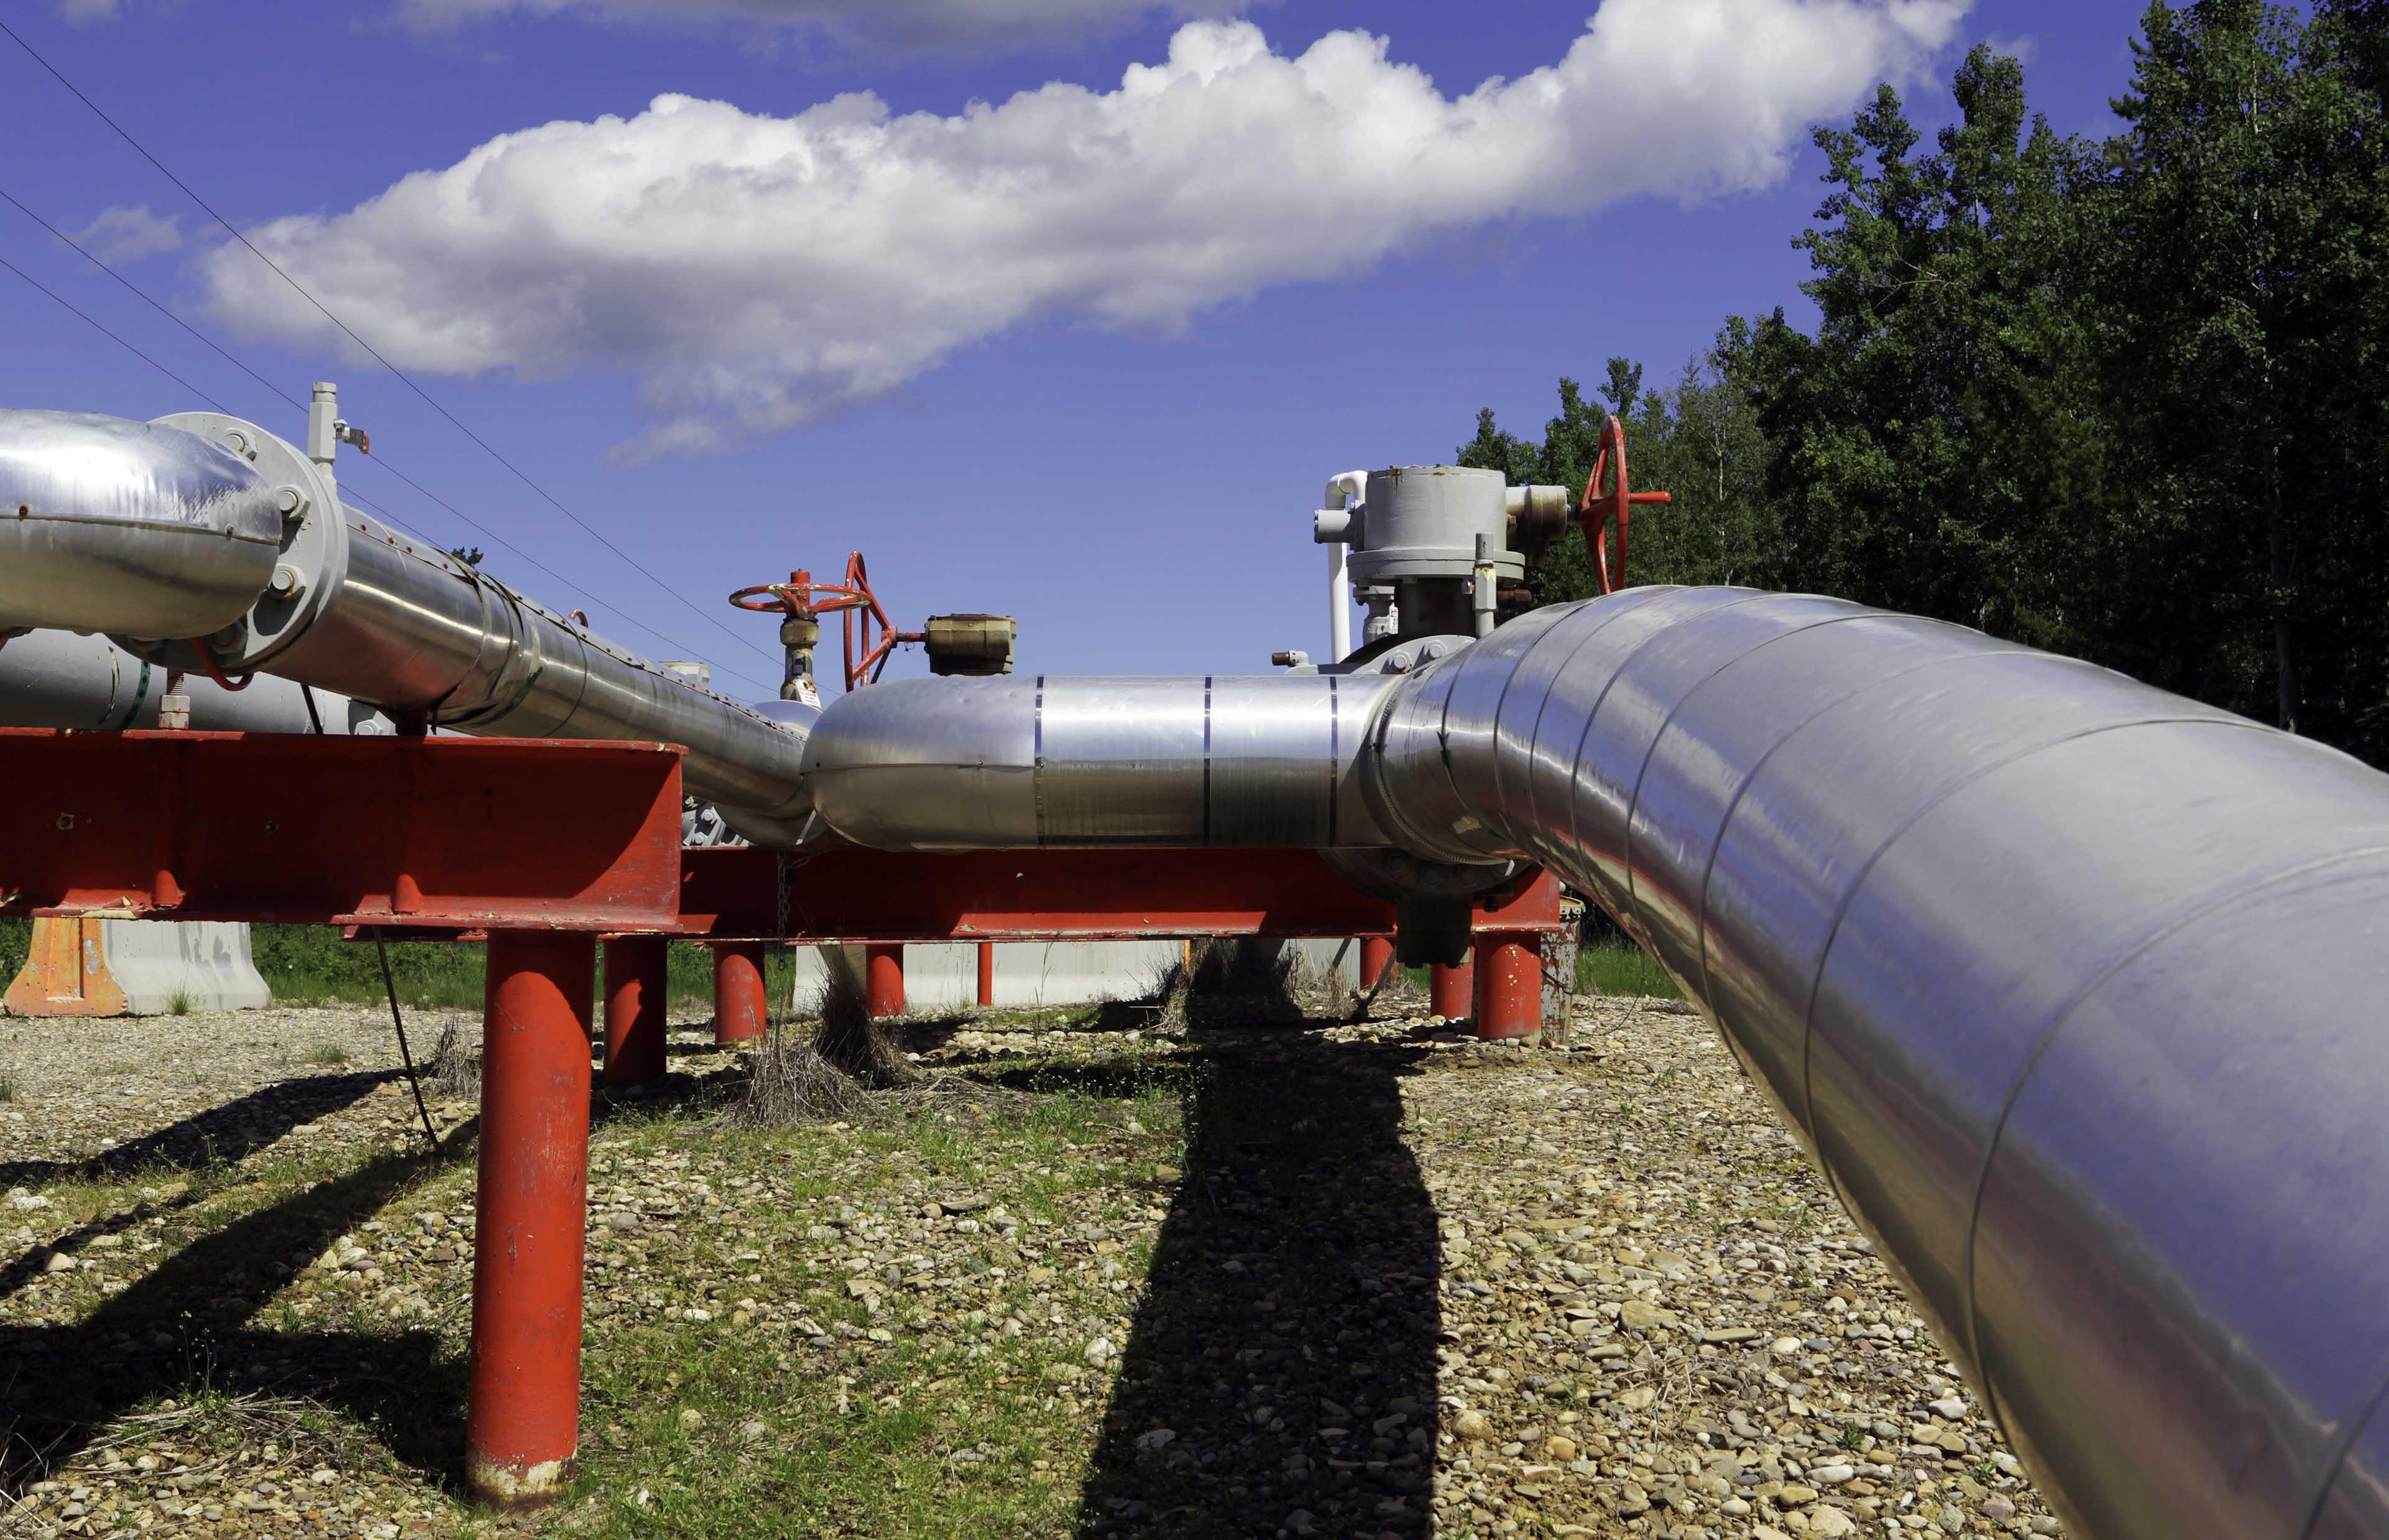 Image of pipeline riser